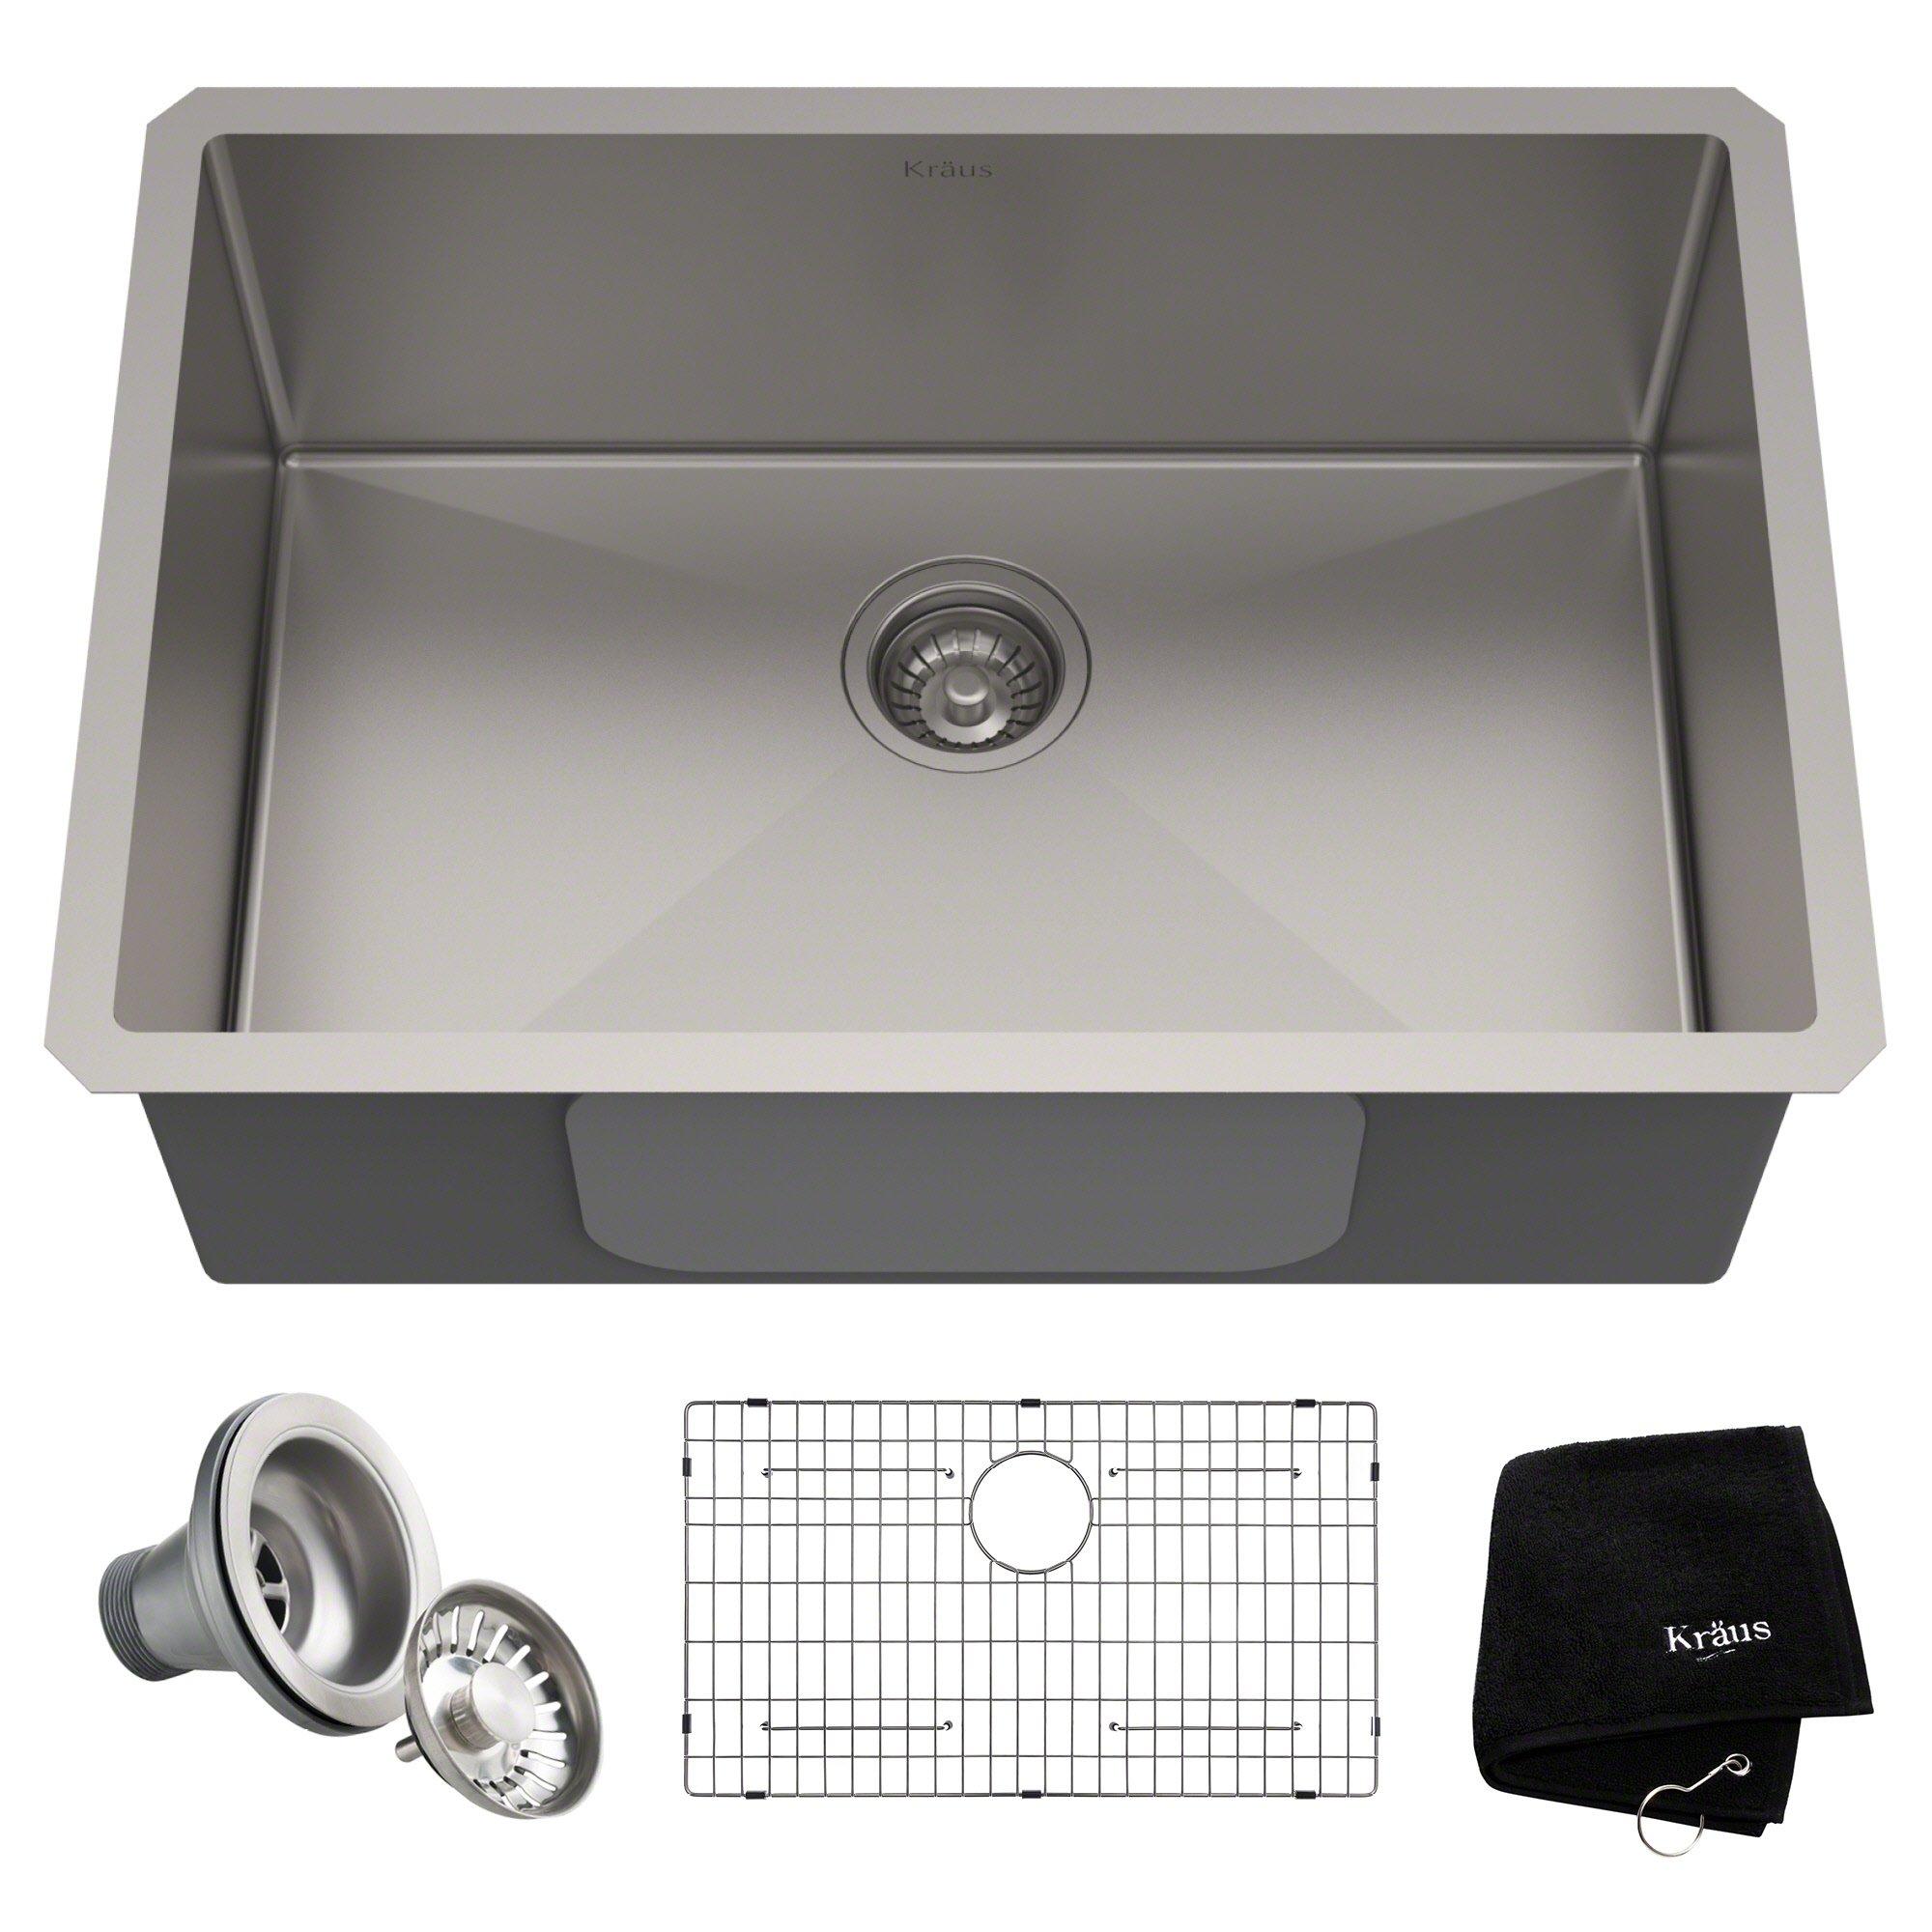 Kraus KHU100-28 Kitchen Sink 28 Inch Stainless Steel